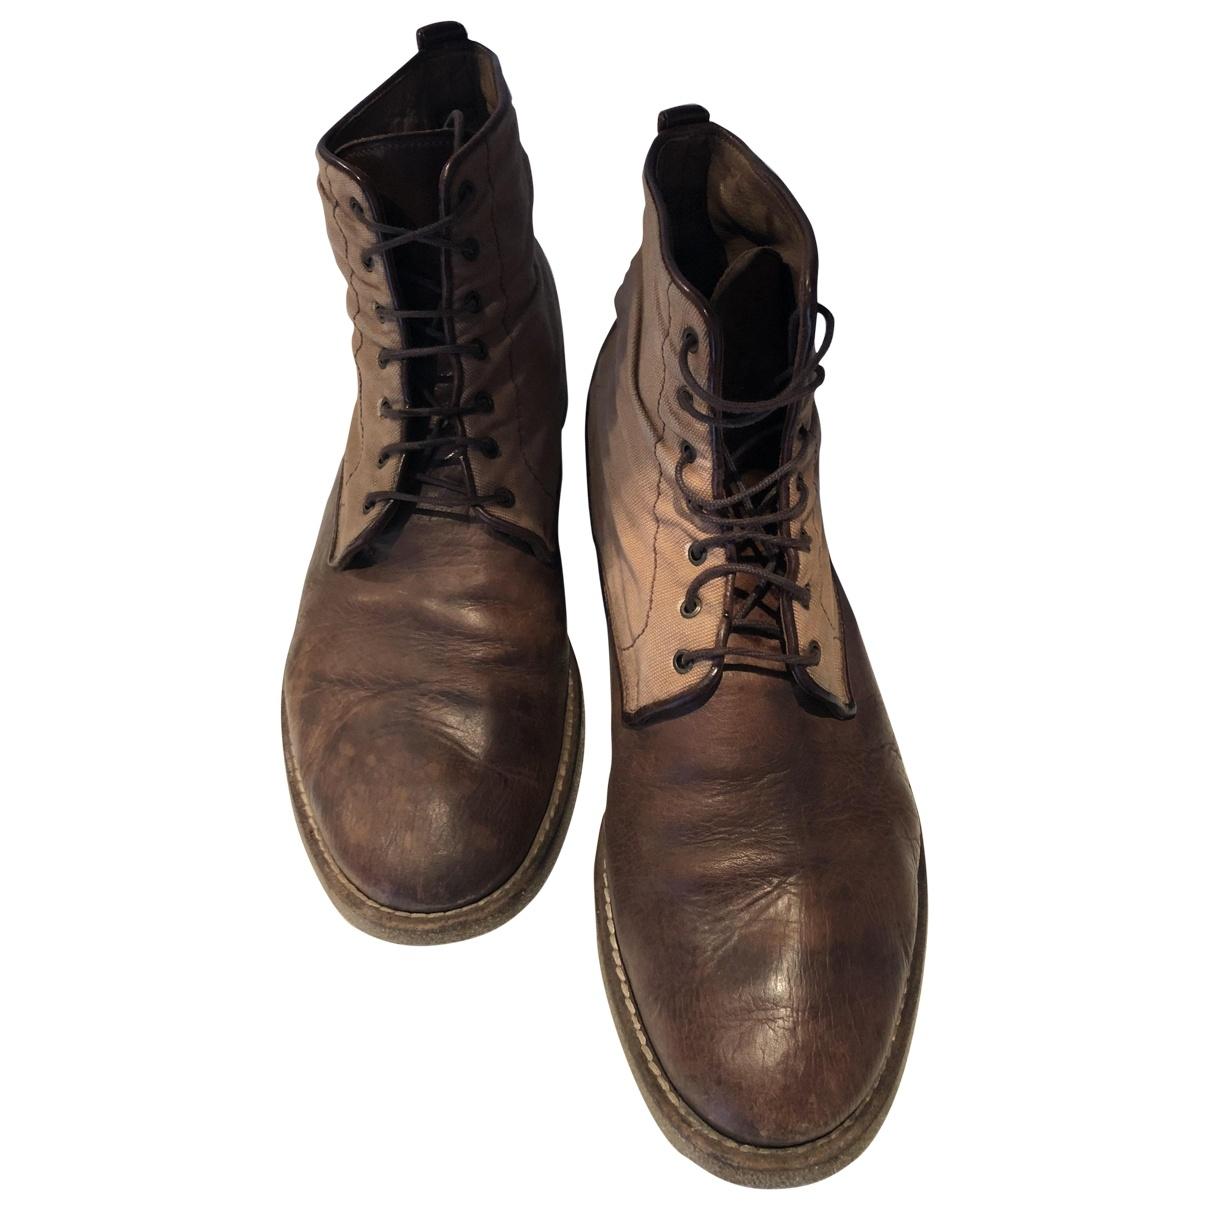 Fratelli Rossetti - Bottes.Boots   pour homme en cuir - marron